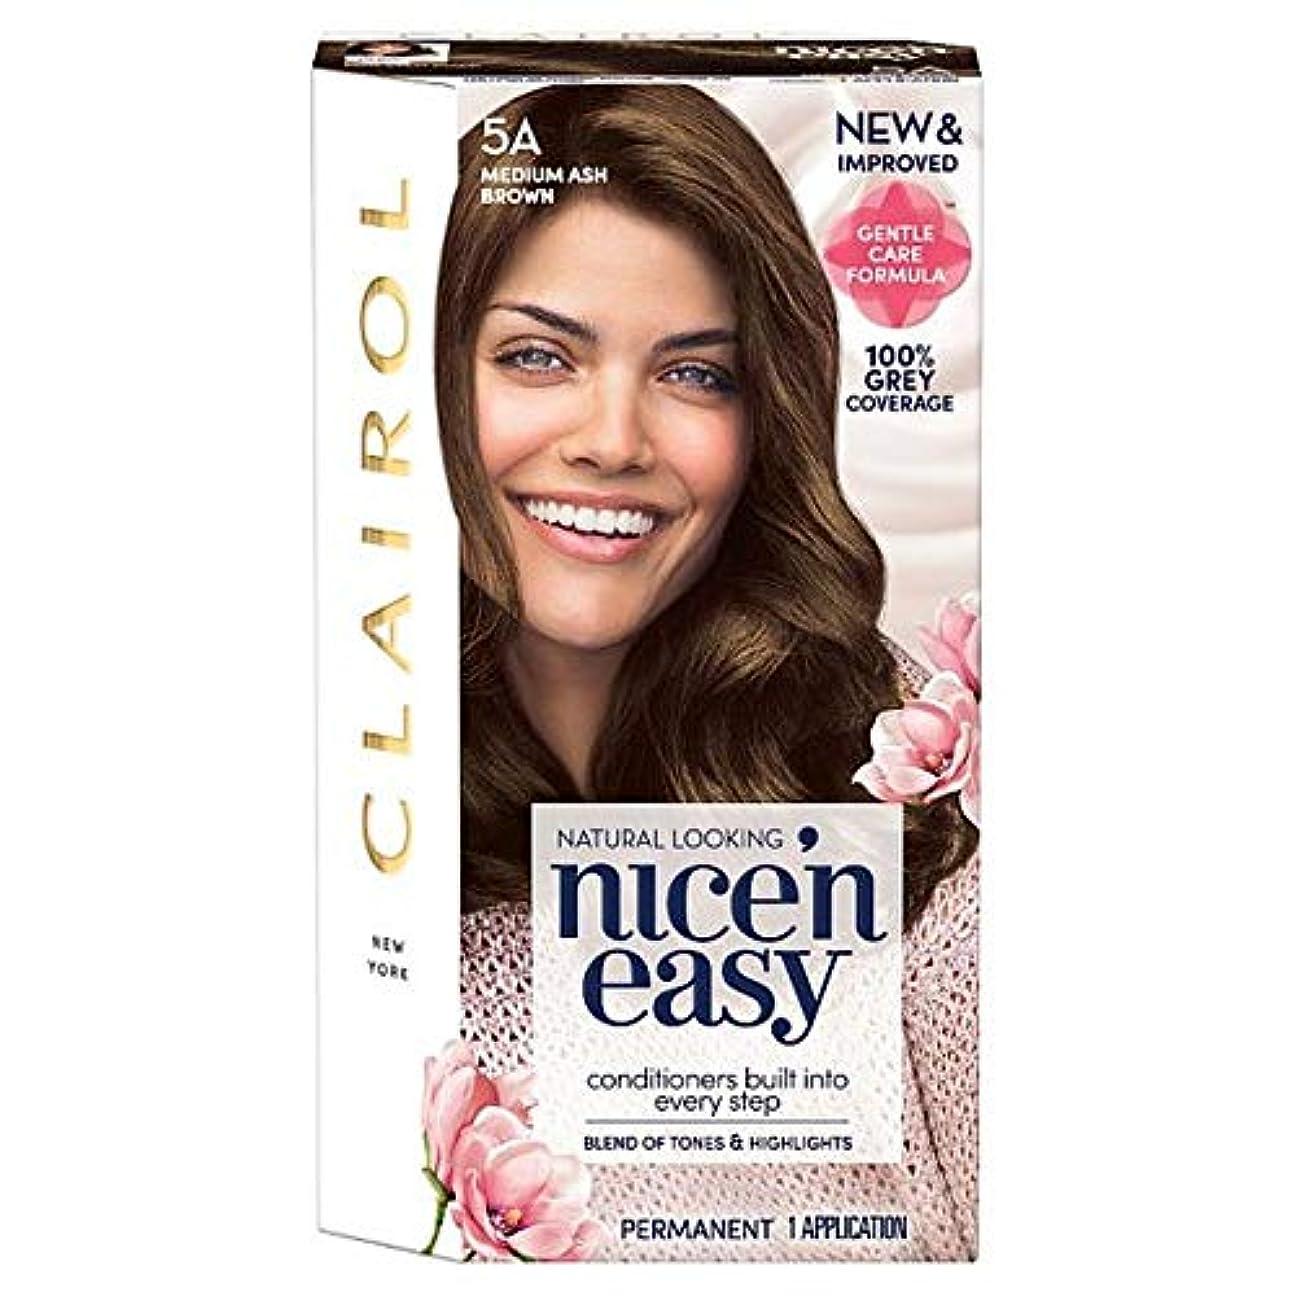 民間人応用ブレース[Nice'n Easy] クレイロール素敵な「N簡単にメディアアッシュブラウン5Aの染毛剤 - Clairol Nice 'N Easy Medium Ash Brown 5A Hair Dye [並行輸入品]